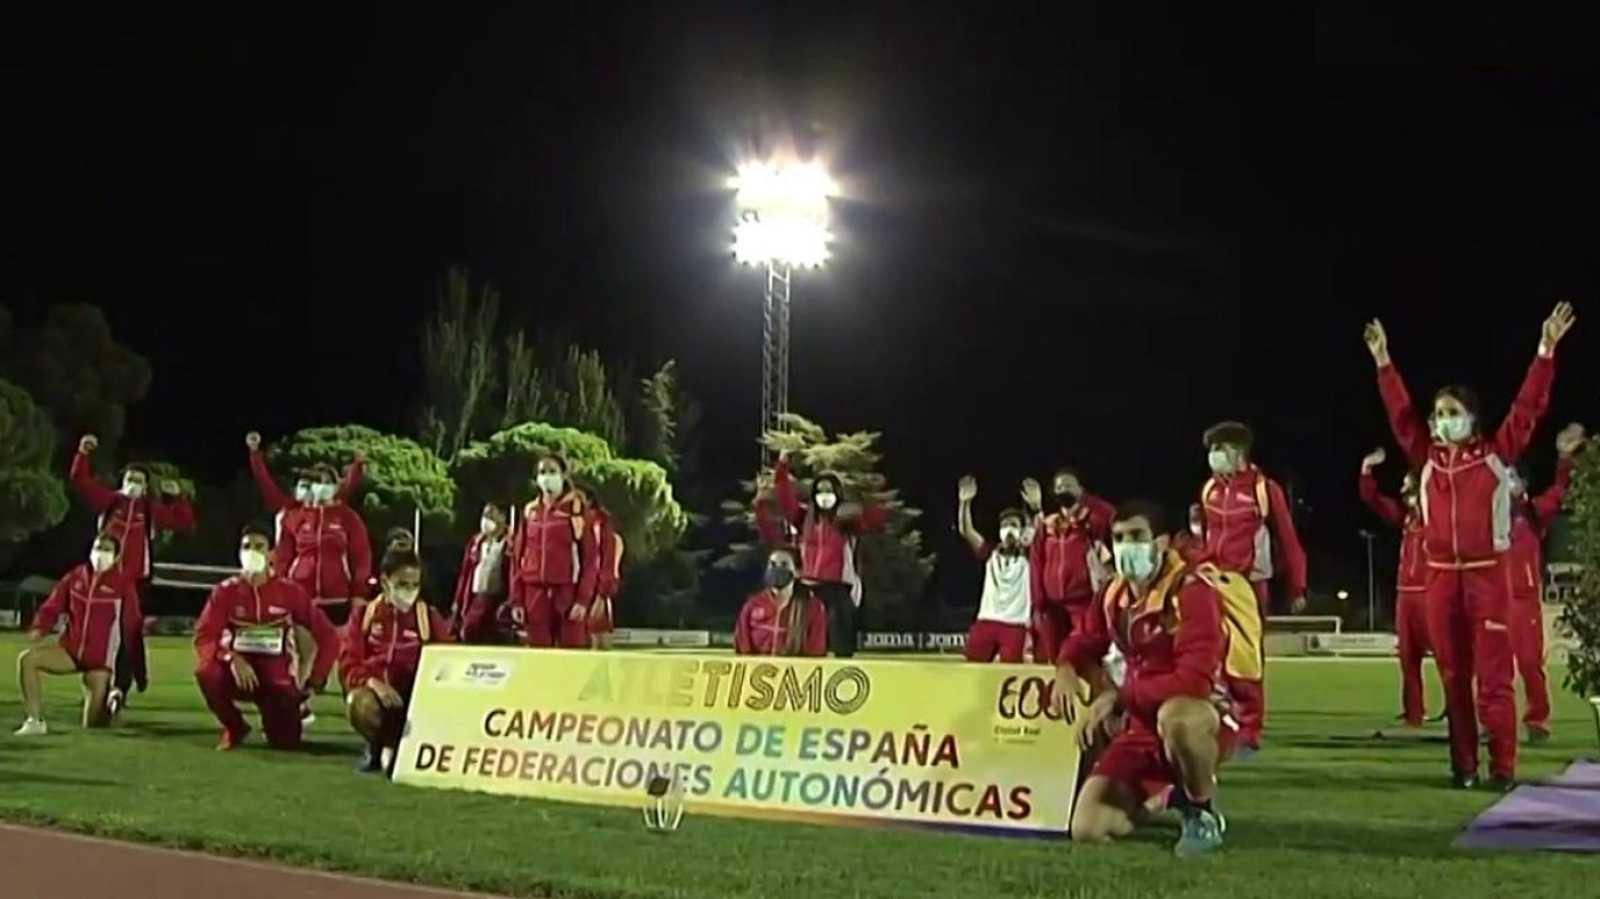 Atletismo - Campeonato de España Federaciones autonómicas - ver ahora